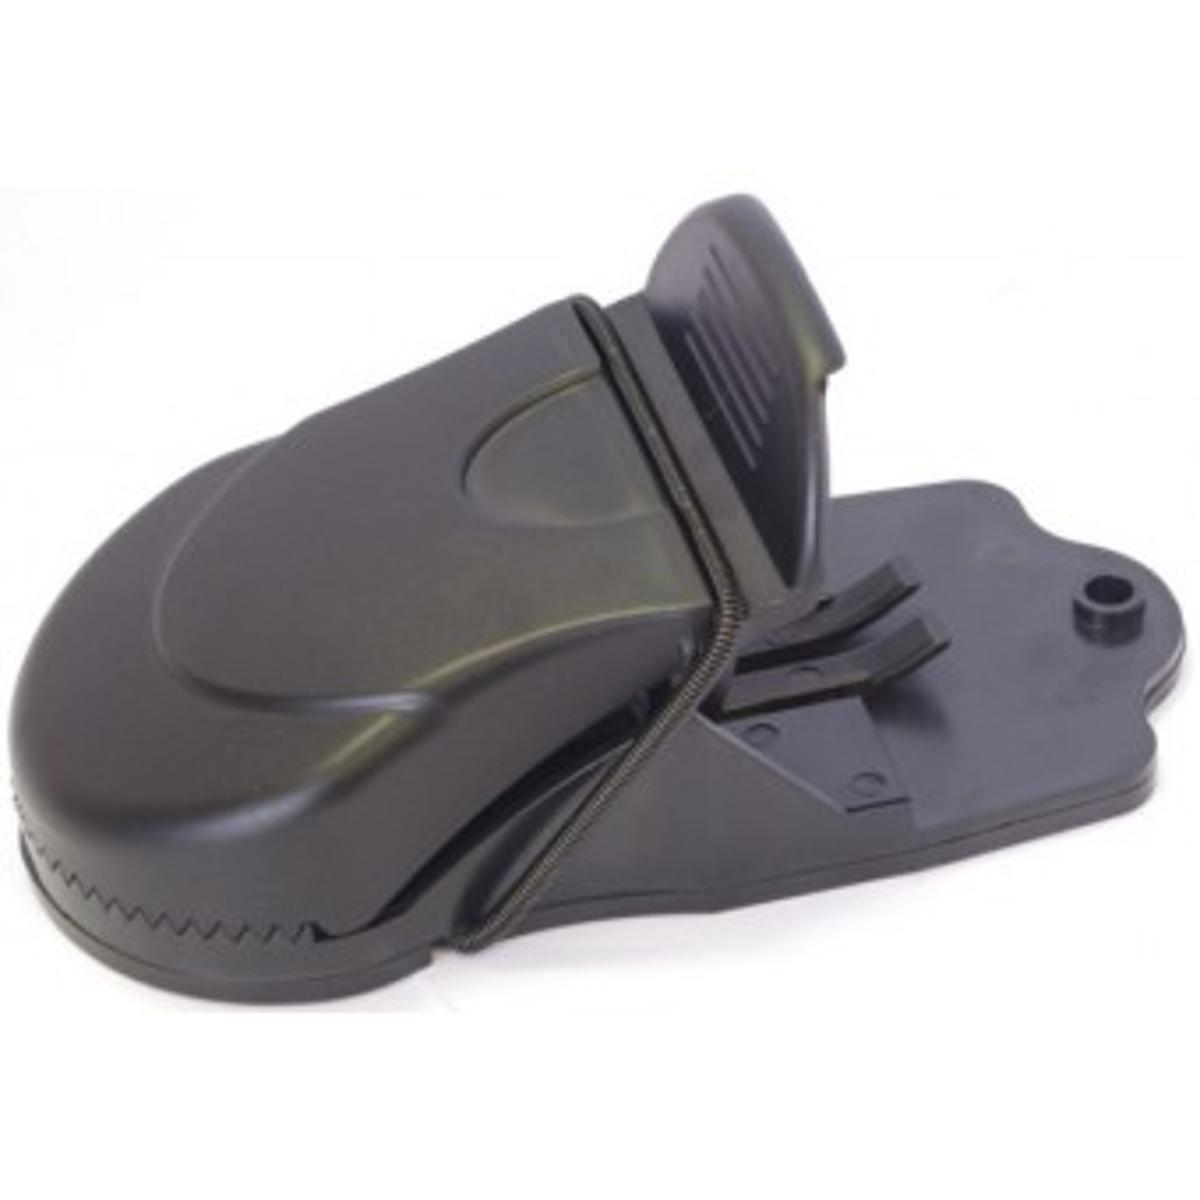 Мышеловка Mr. mouse СЗ.040016 ловушка для насекомых mr mouse сз 040012